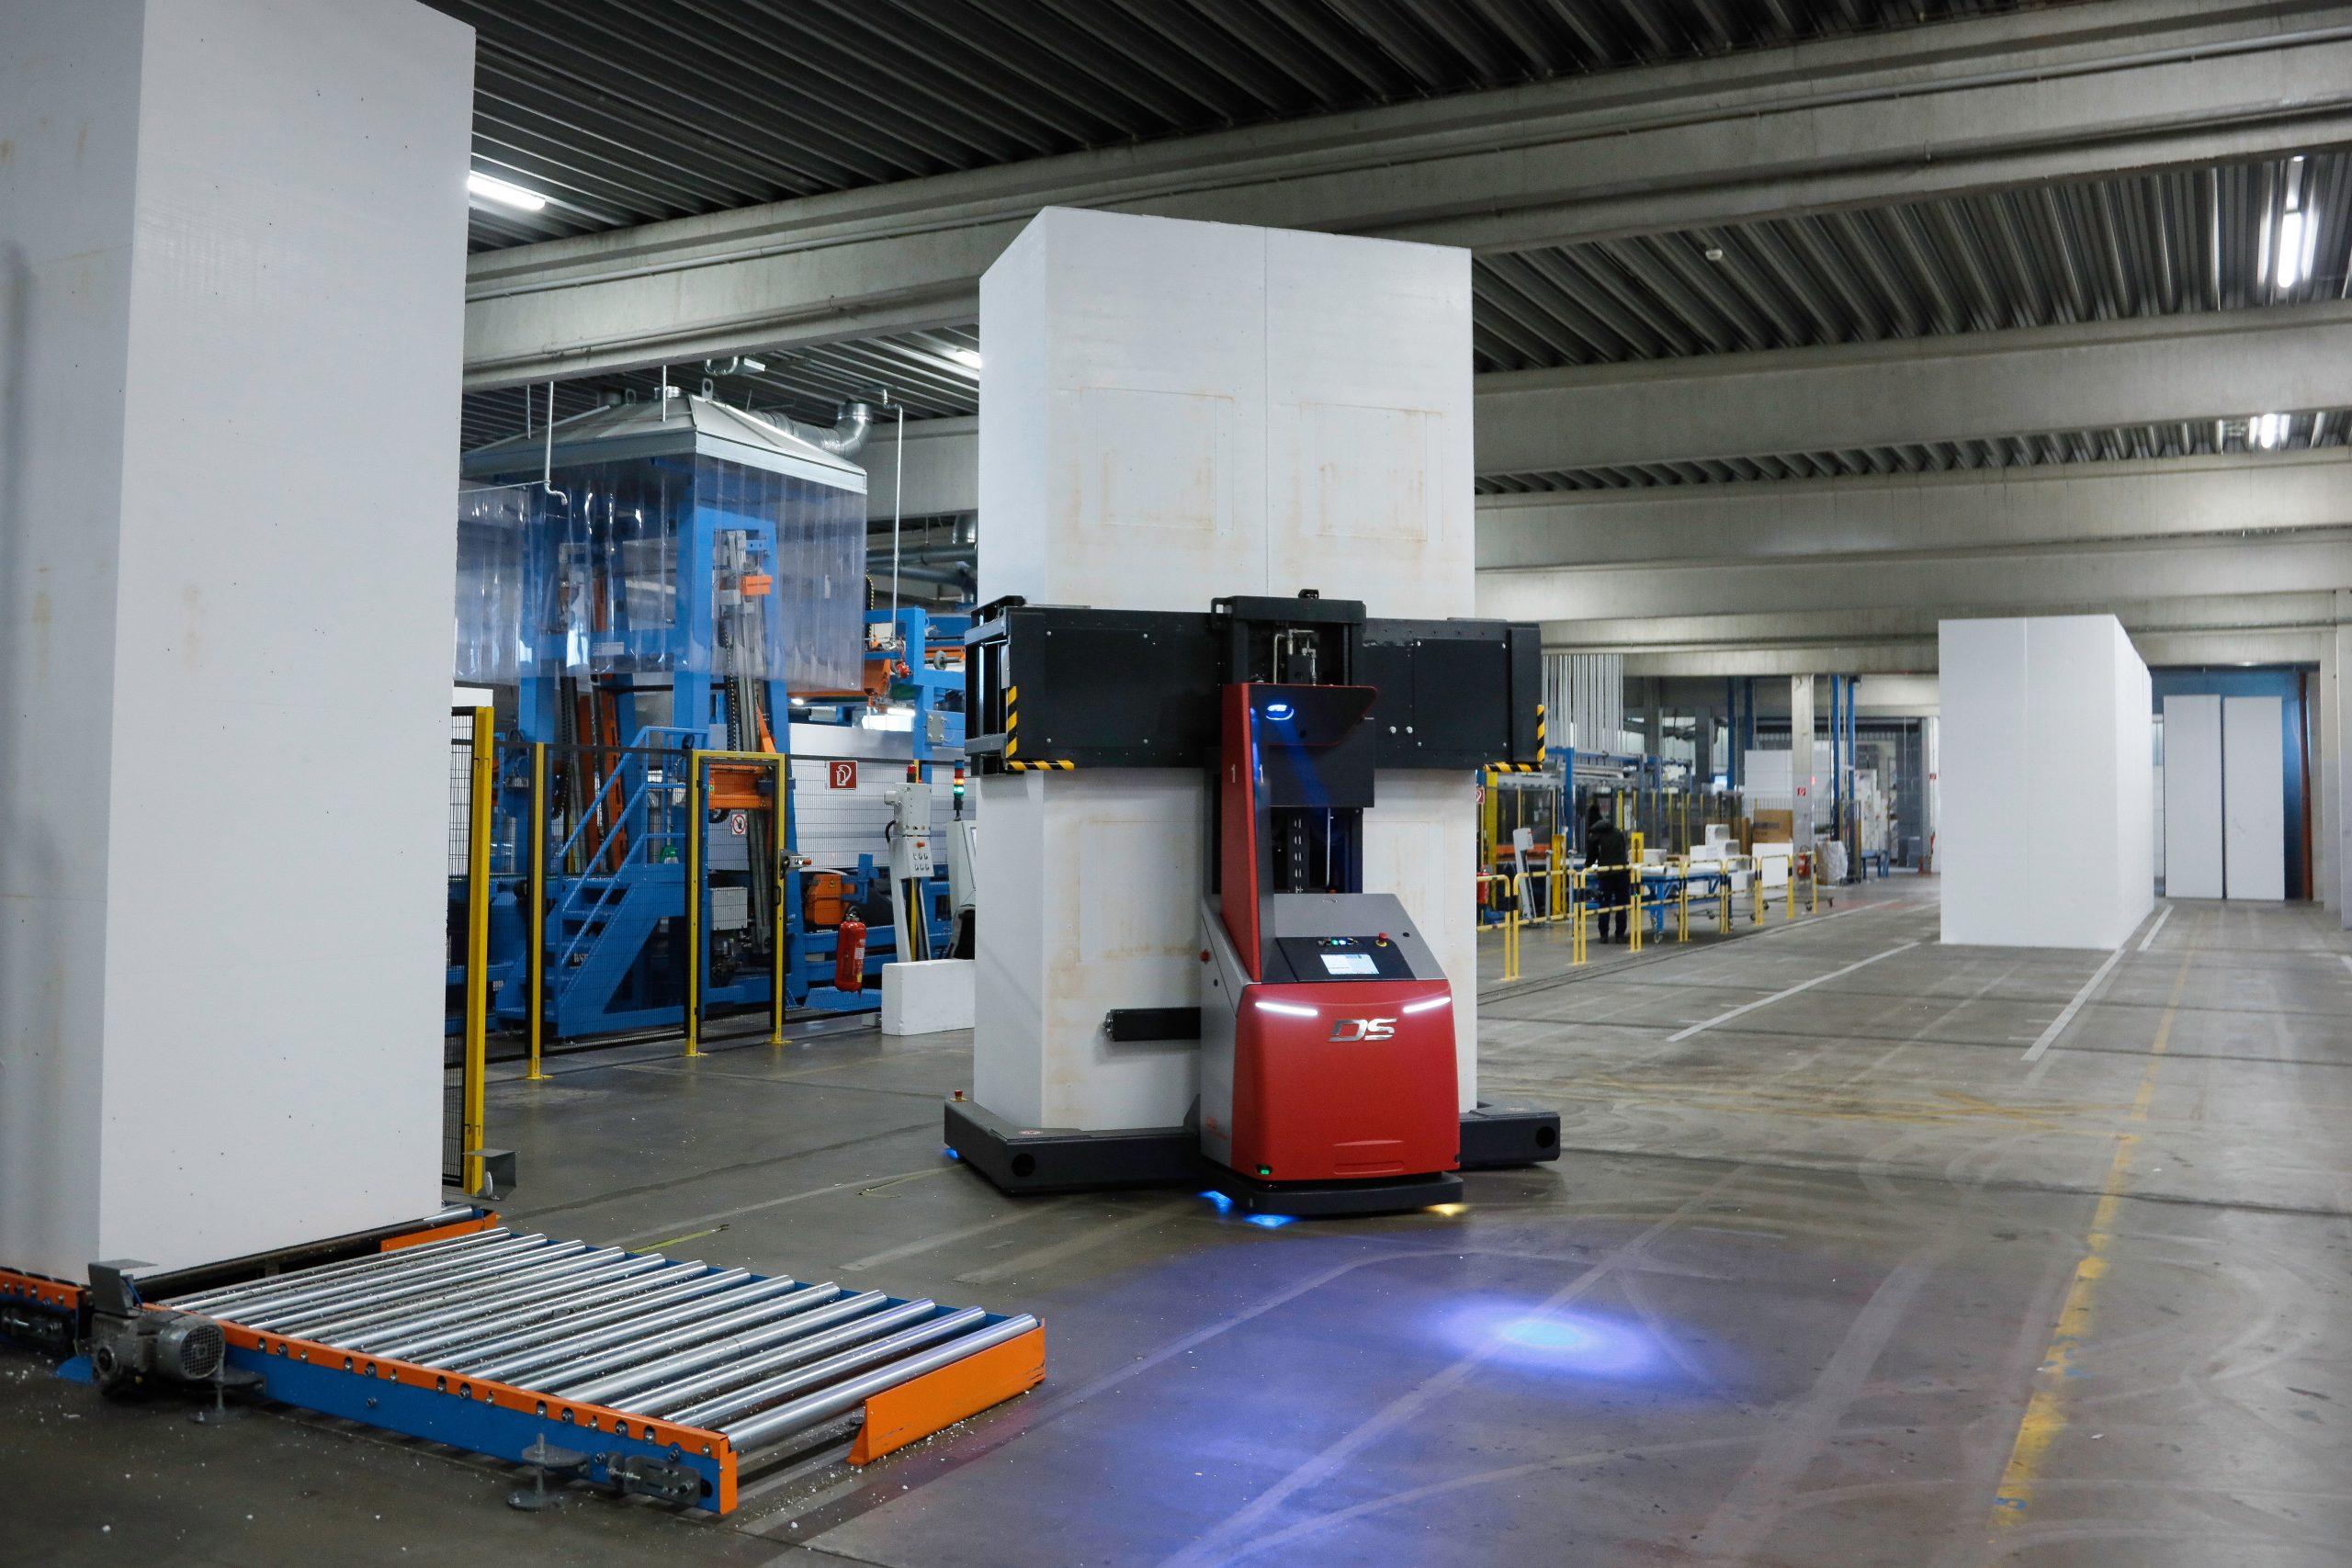 Im Austrotherm-Produktionswerk Pinkafeld transportiert ein fahrerloses Transportsystem von DS Automotion rund um die Uhr Polystyrol-Hartschaum-Blöcke mit 4080mm Höhe, 1040mm Länge und max. 1.290mm Breite. (Austrotherm GmbH)